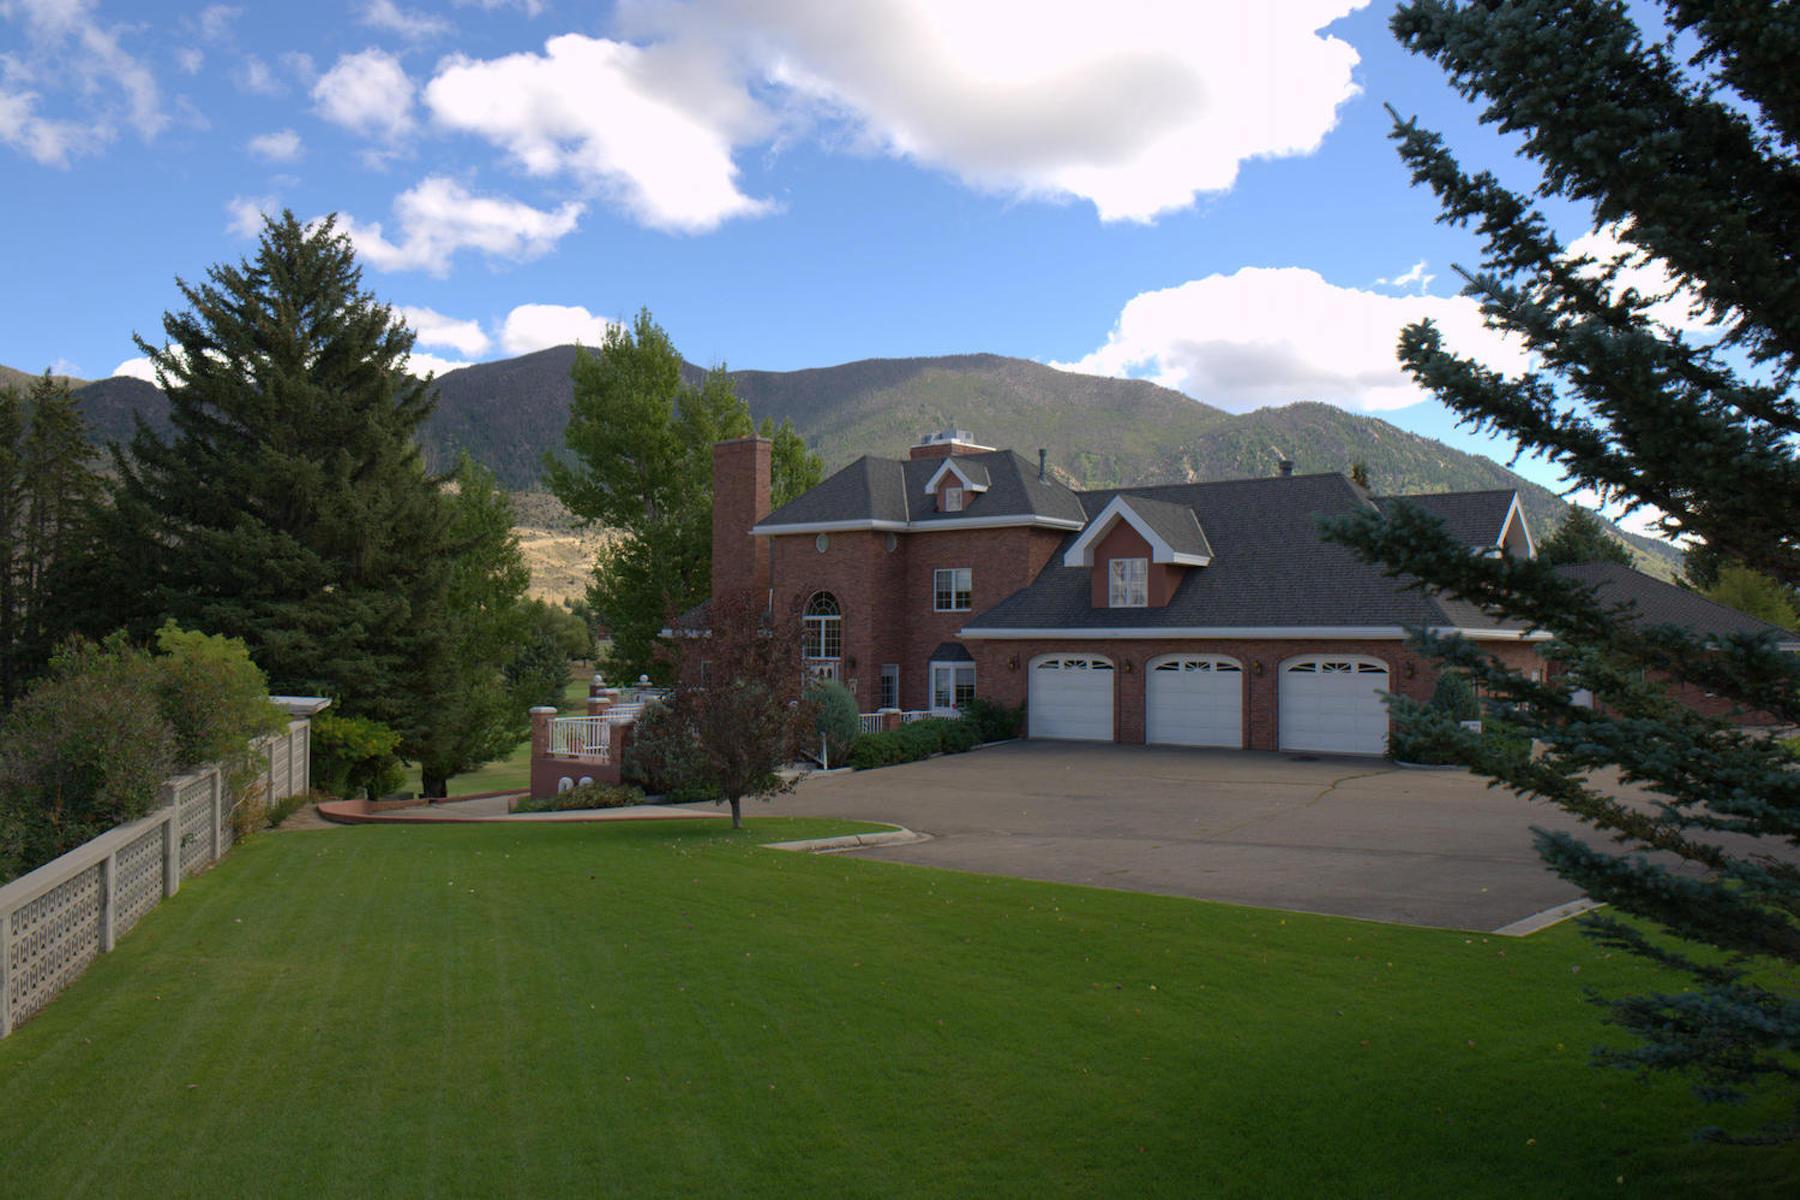 Maison unifamiliale pour l Vente à Toad Hall Manor 1 Green Lane Butte, Montana, 59701 États-Unis